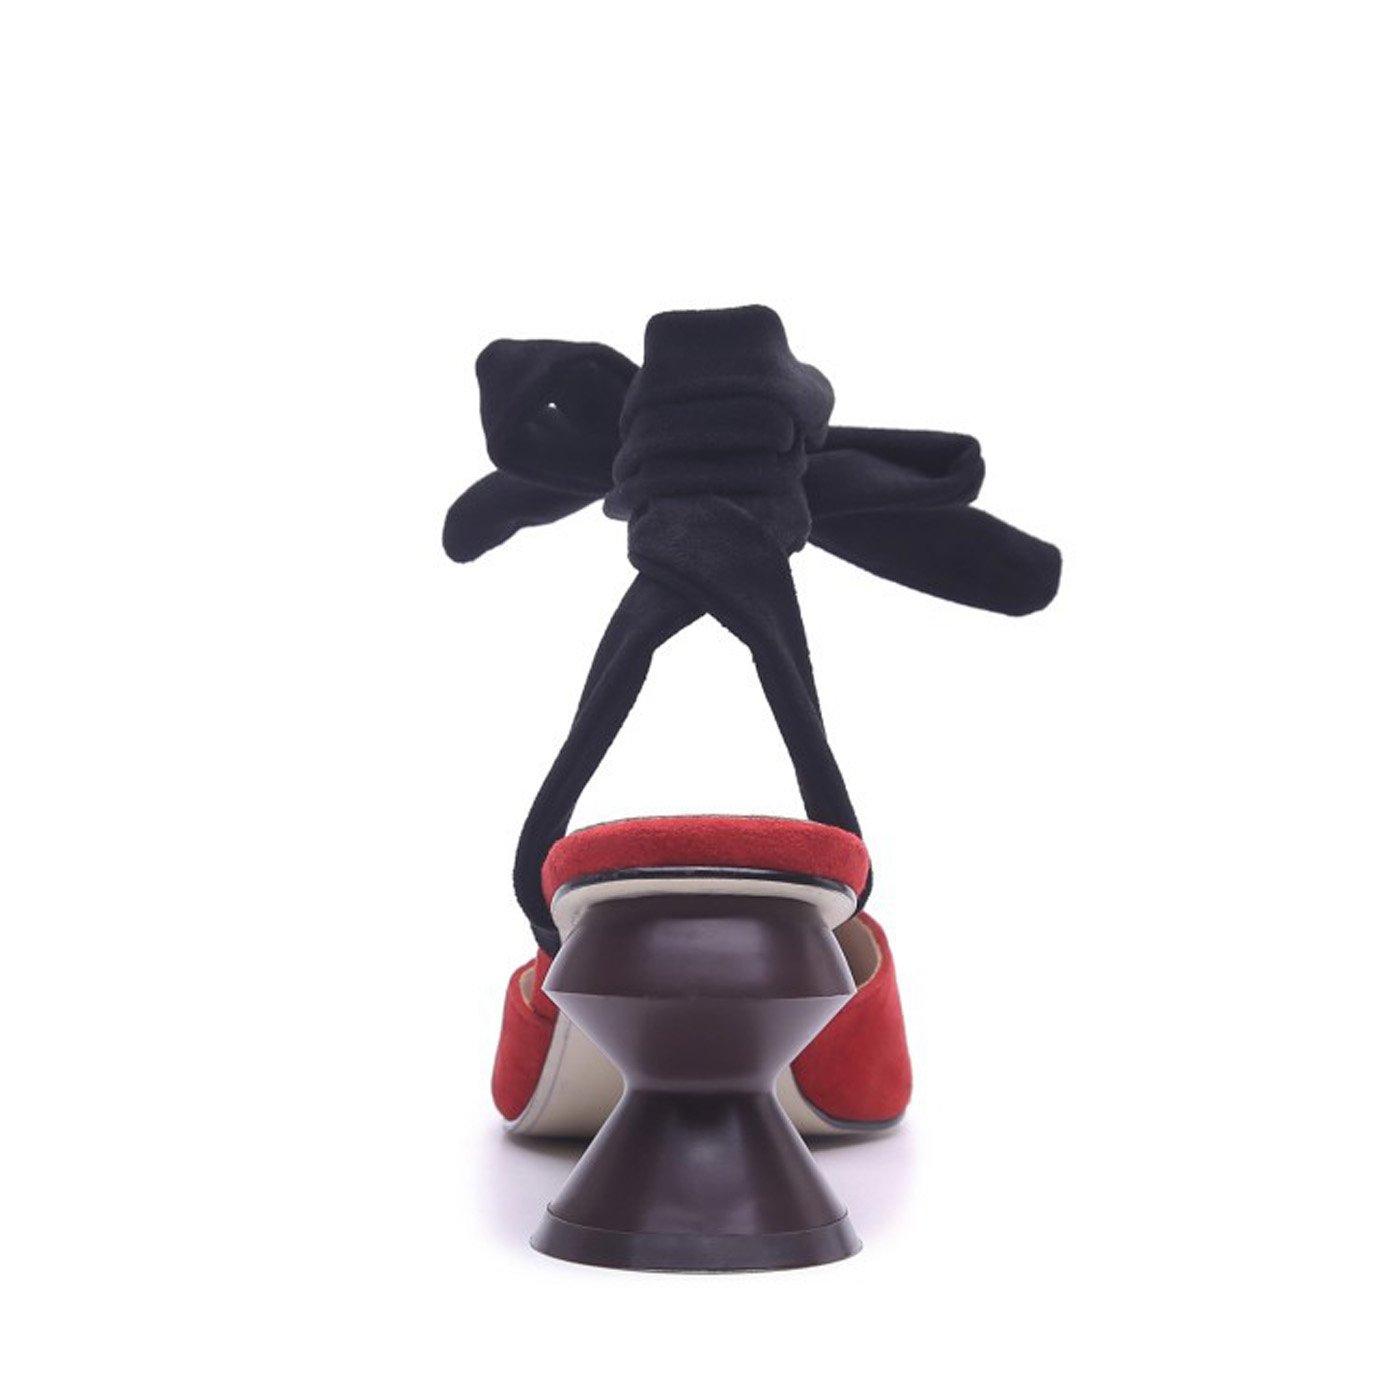 ZXMXY Damenschuhe Frühling Sommer Basic Pump Pump Pump Comfort Sandalen Kreative Ferse für Casual schwarz rot Sandalen im Freien 2139ee